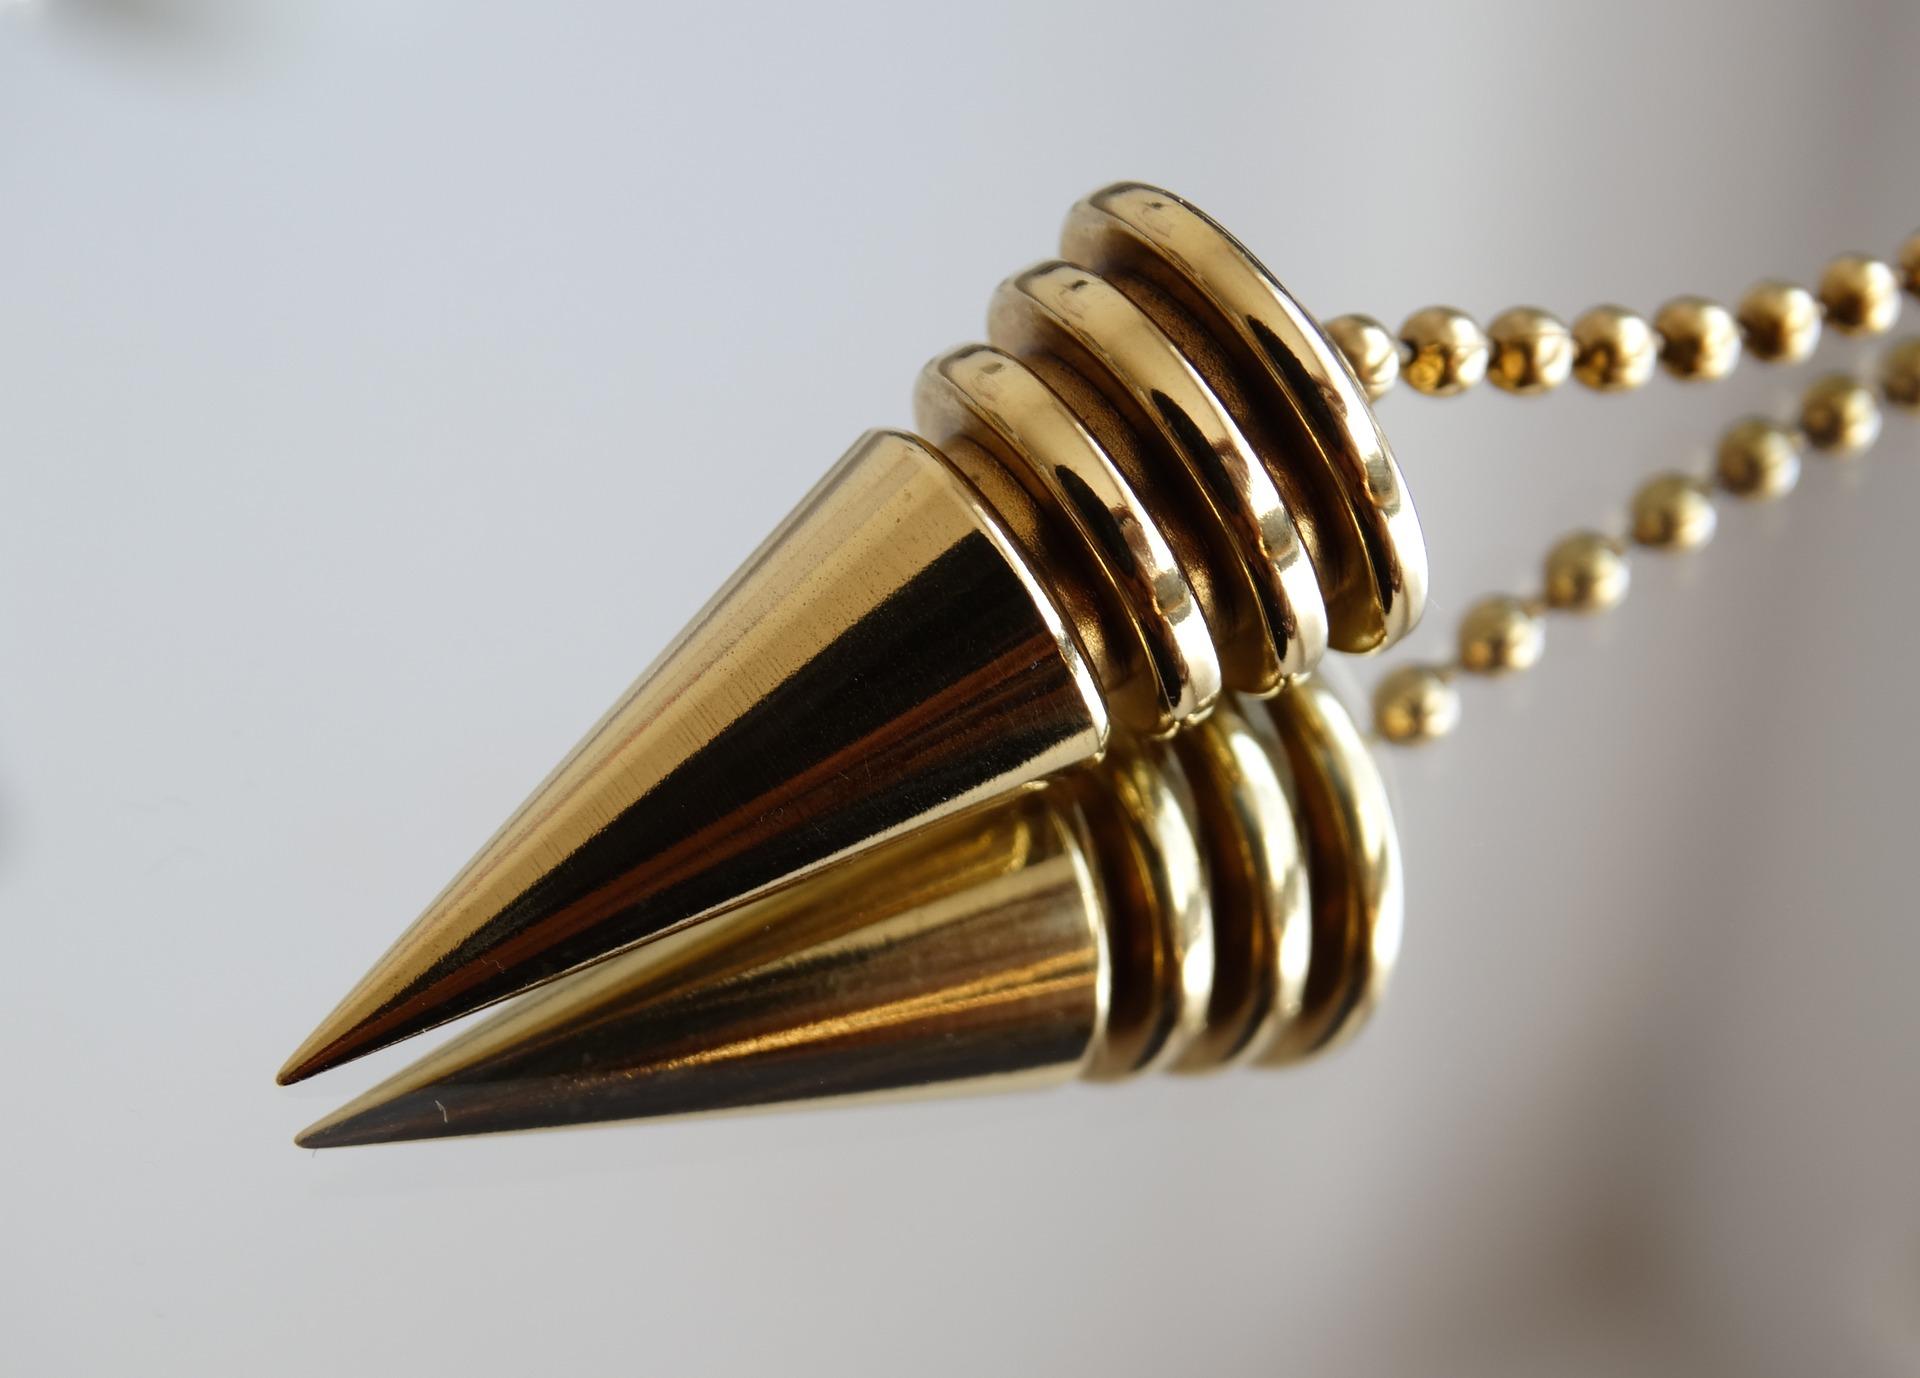 pendulum-686680_1920